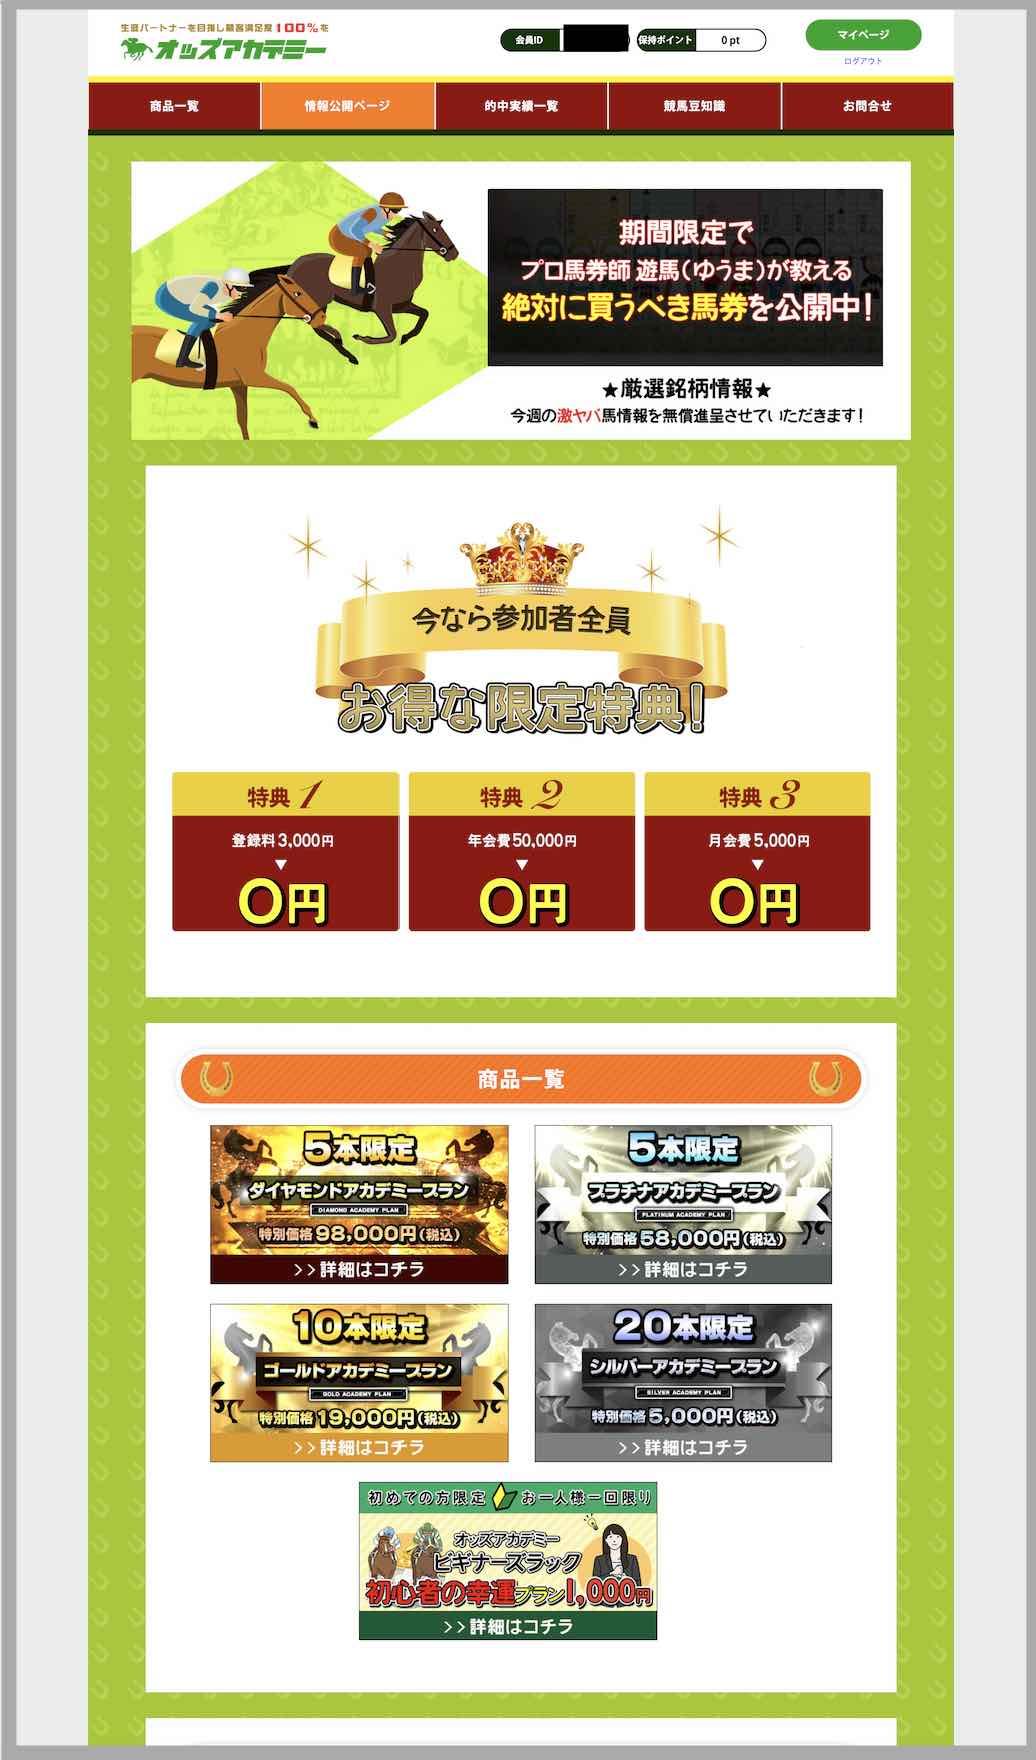 オッズアカデミーという競馬予想サイトの会員ページ